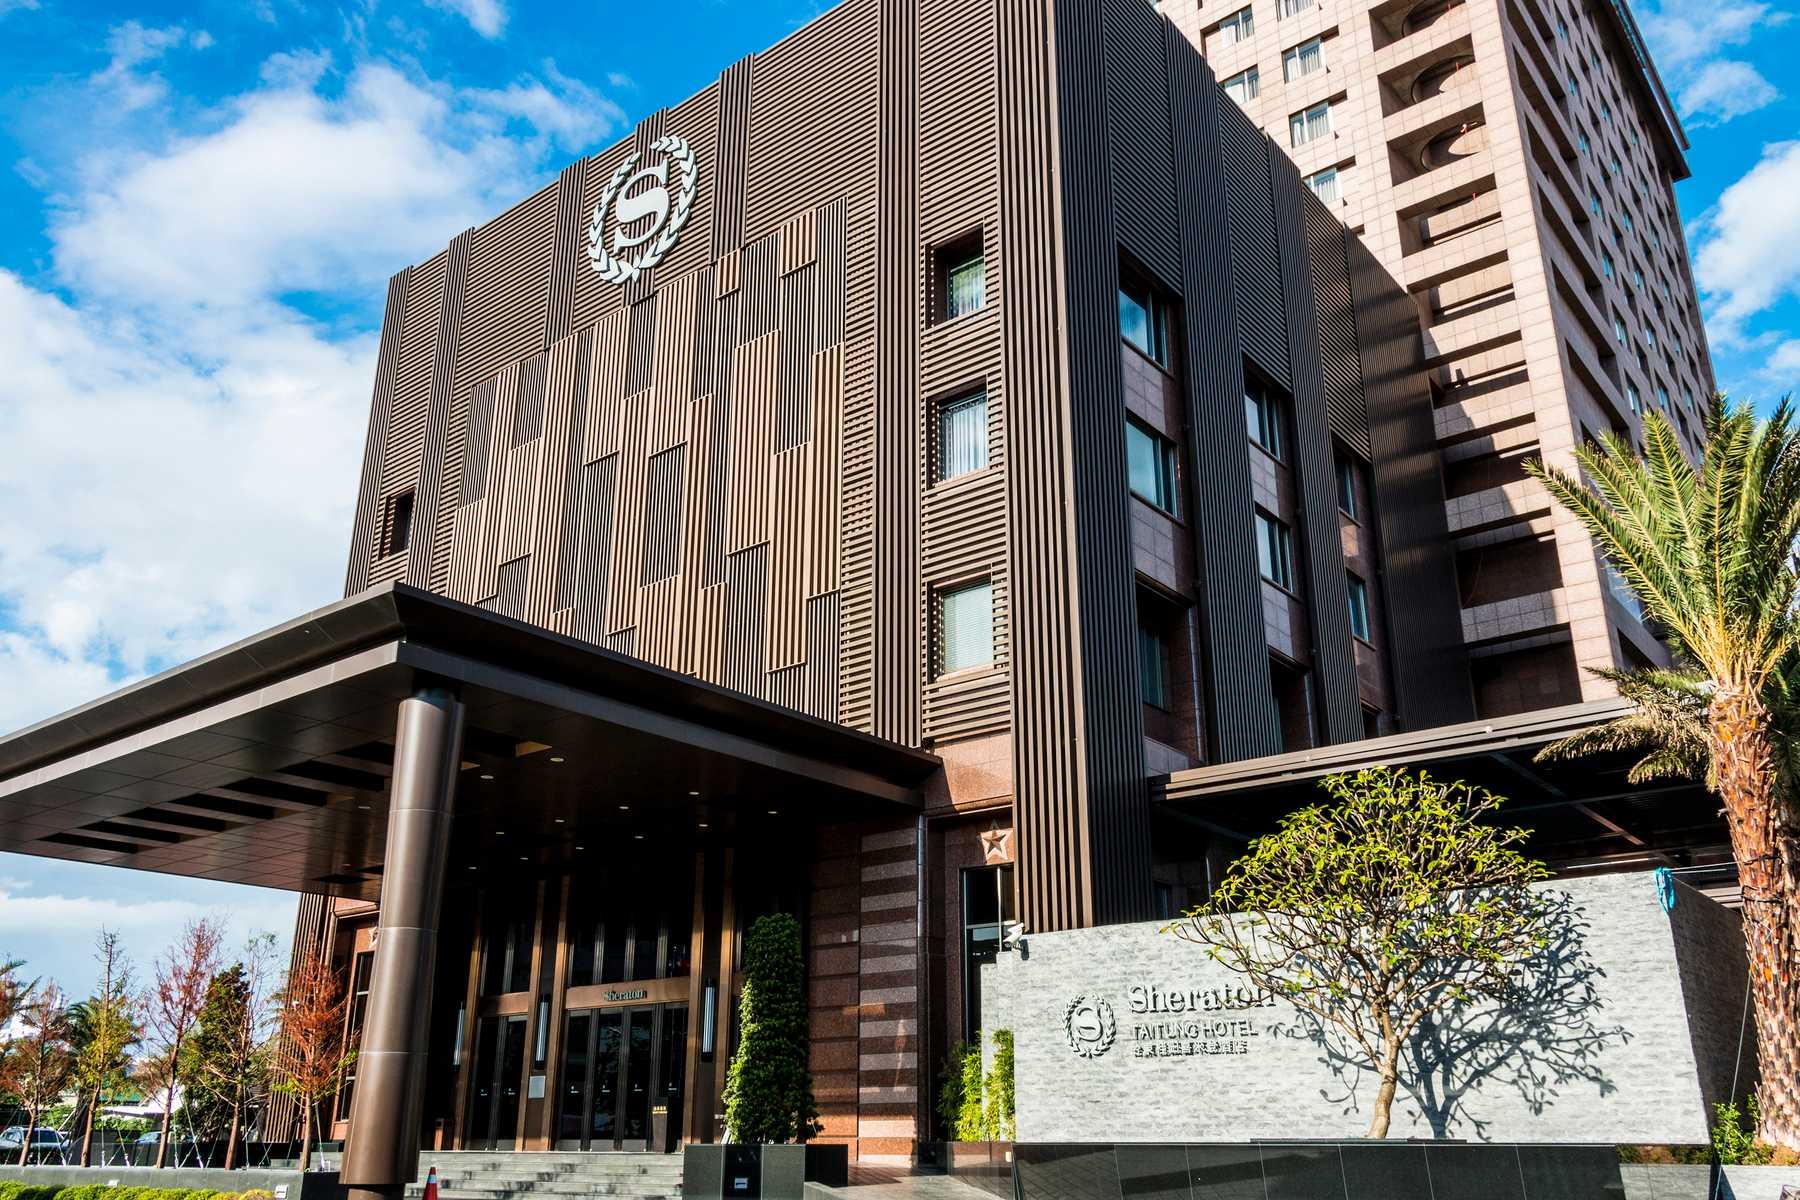 台北 X 台東 雙城頂級飯店 首次聯手推出【喜士臨門】兩夜雙城住房特價優惠